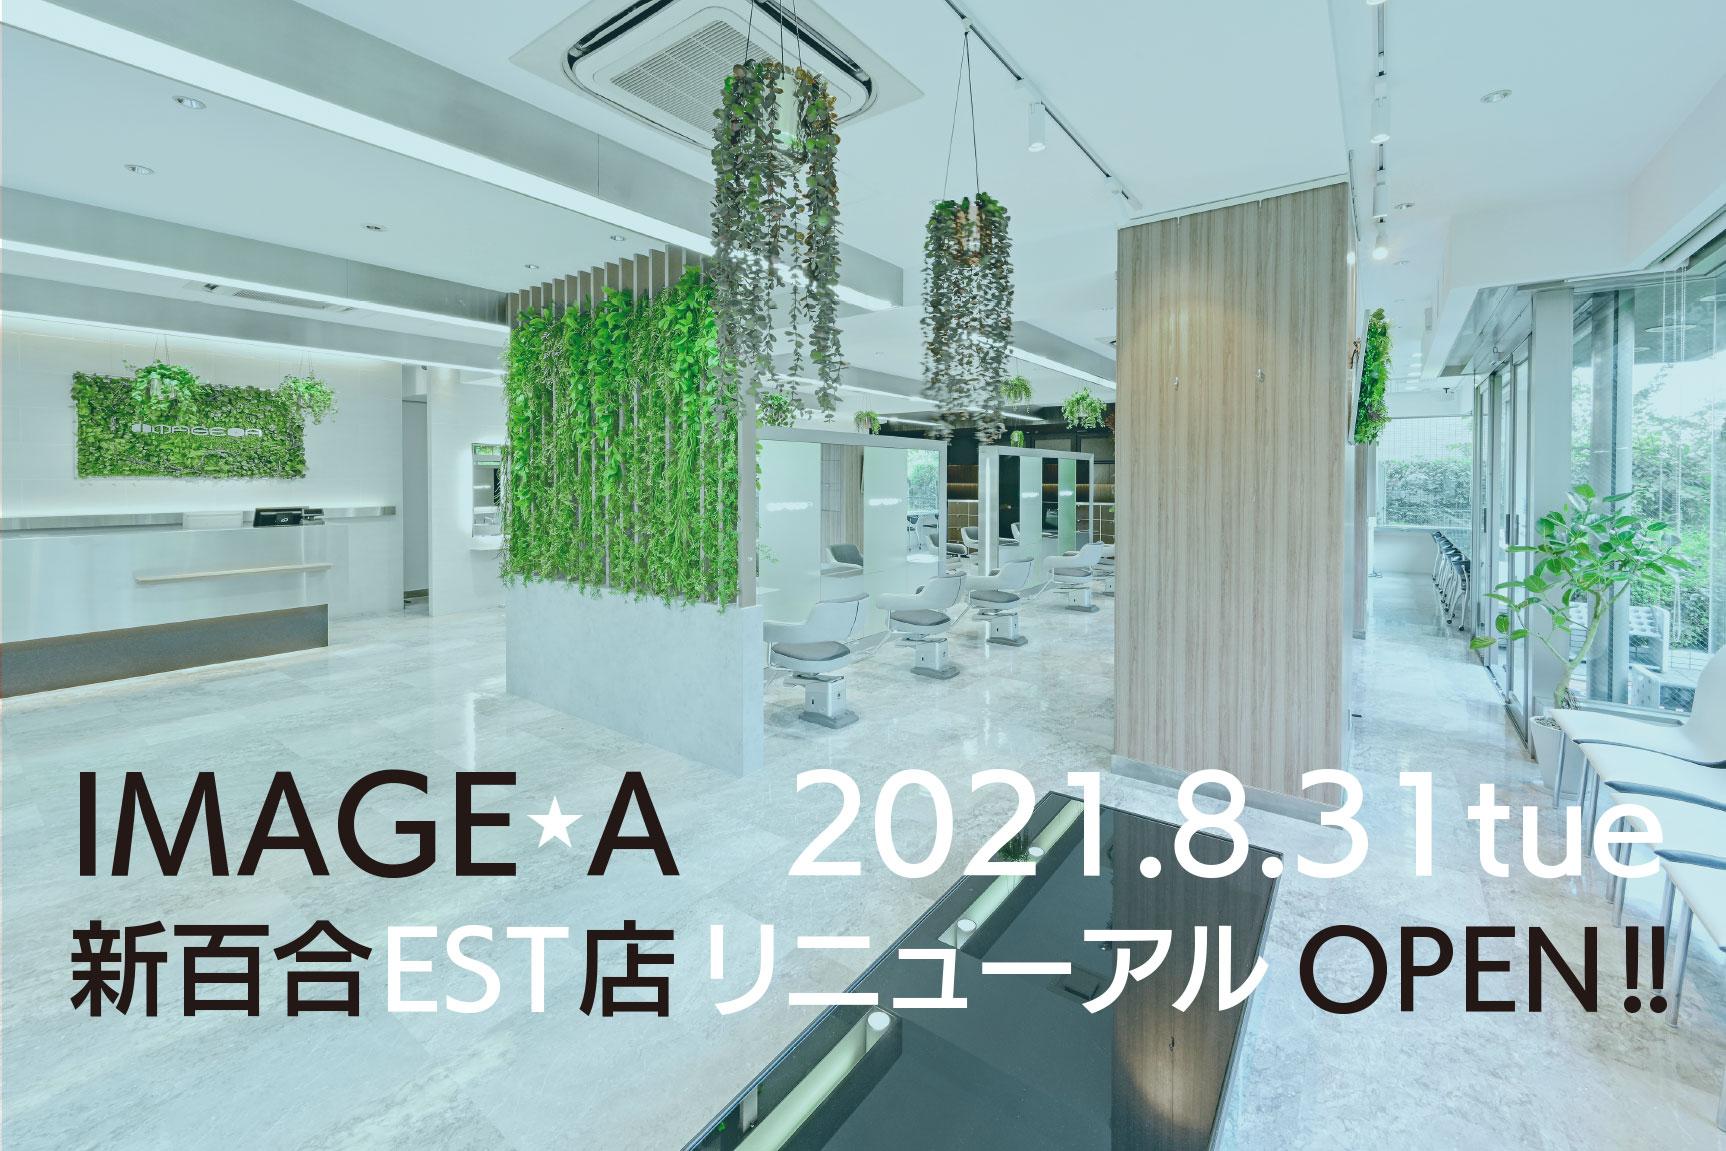 美容室イメージア新百合EST店 リニューアルオープンのお知らせ